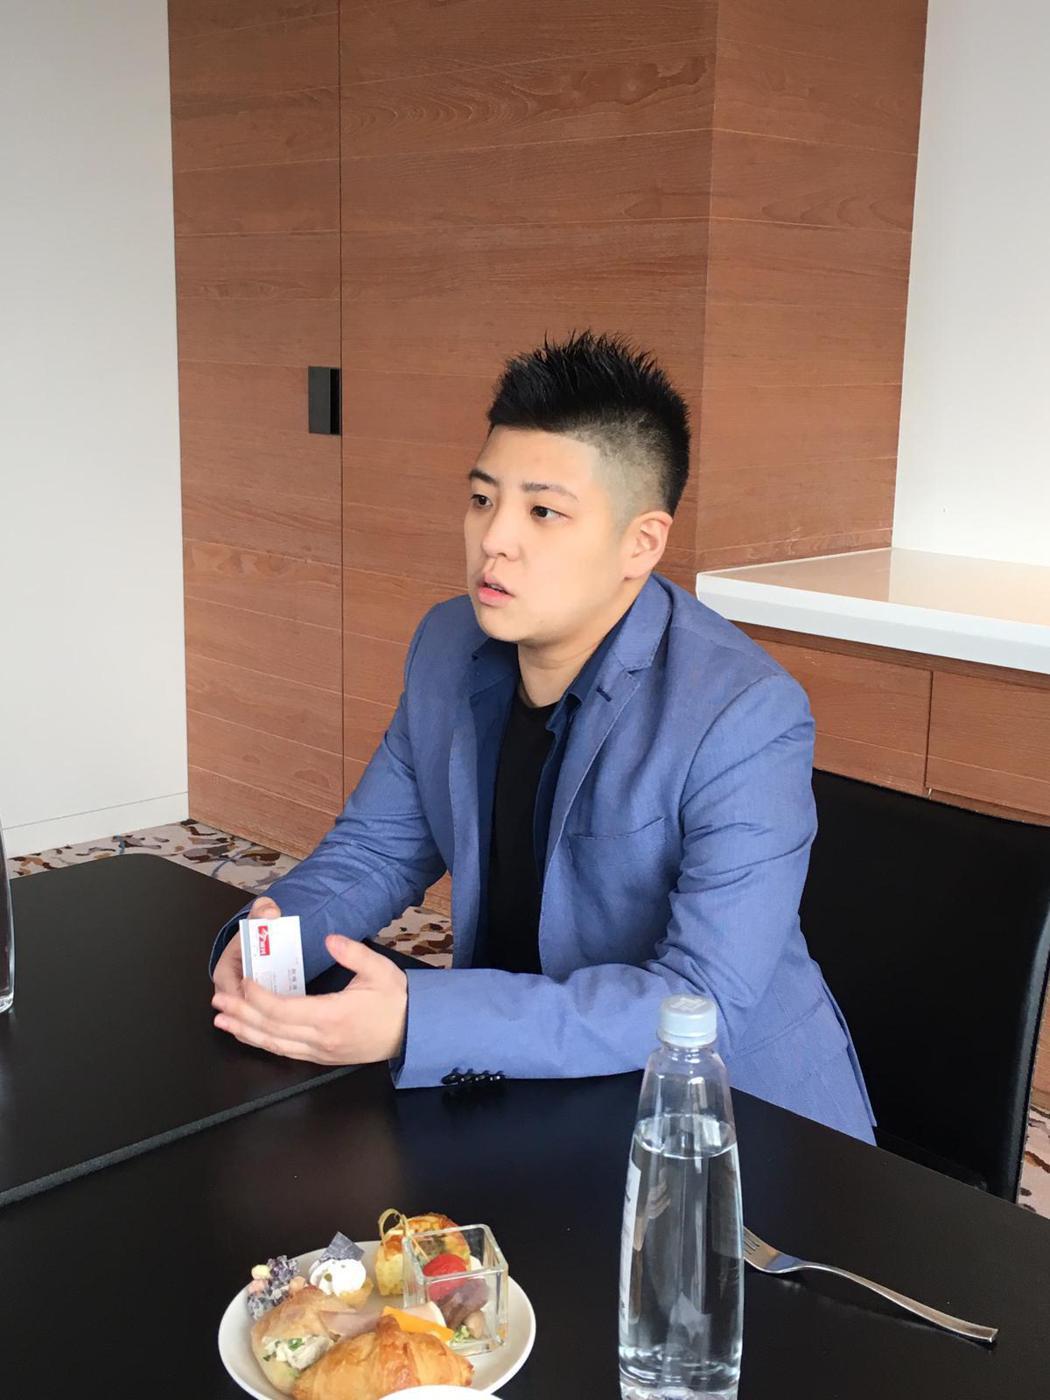 戴安娜目前擔任新創電商BOOJIMO的董事長。圖/戴安娜提供